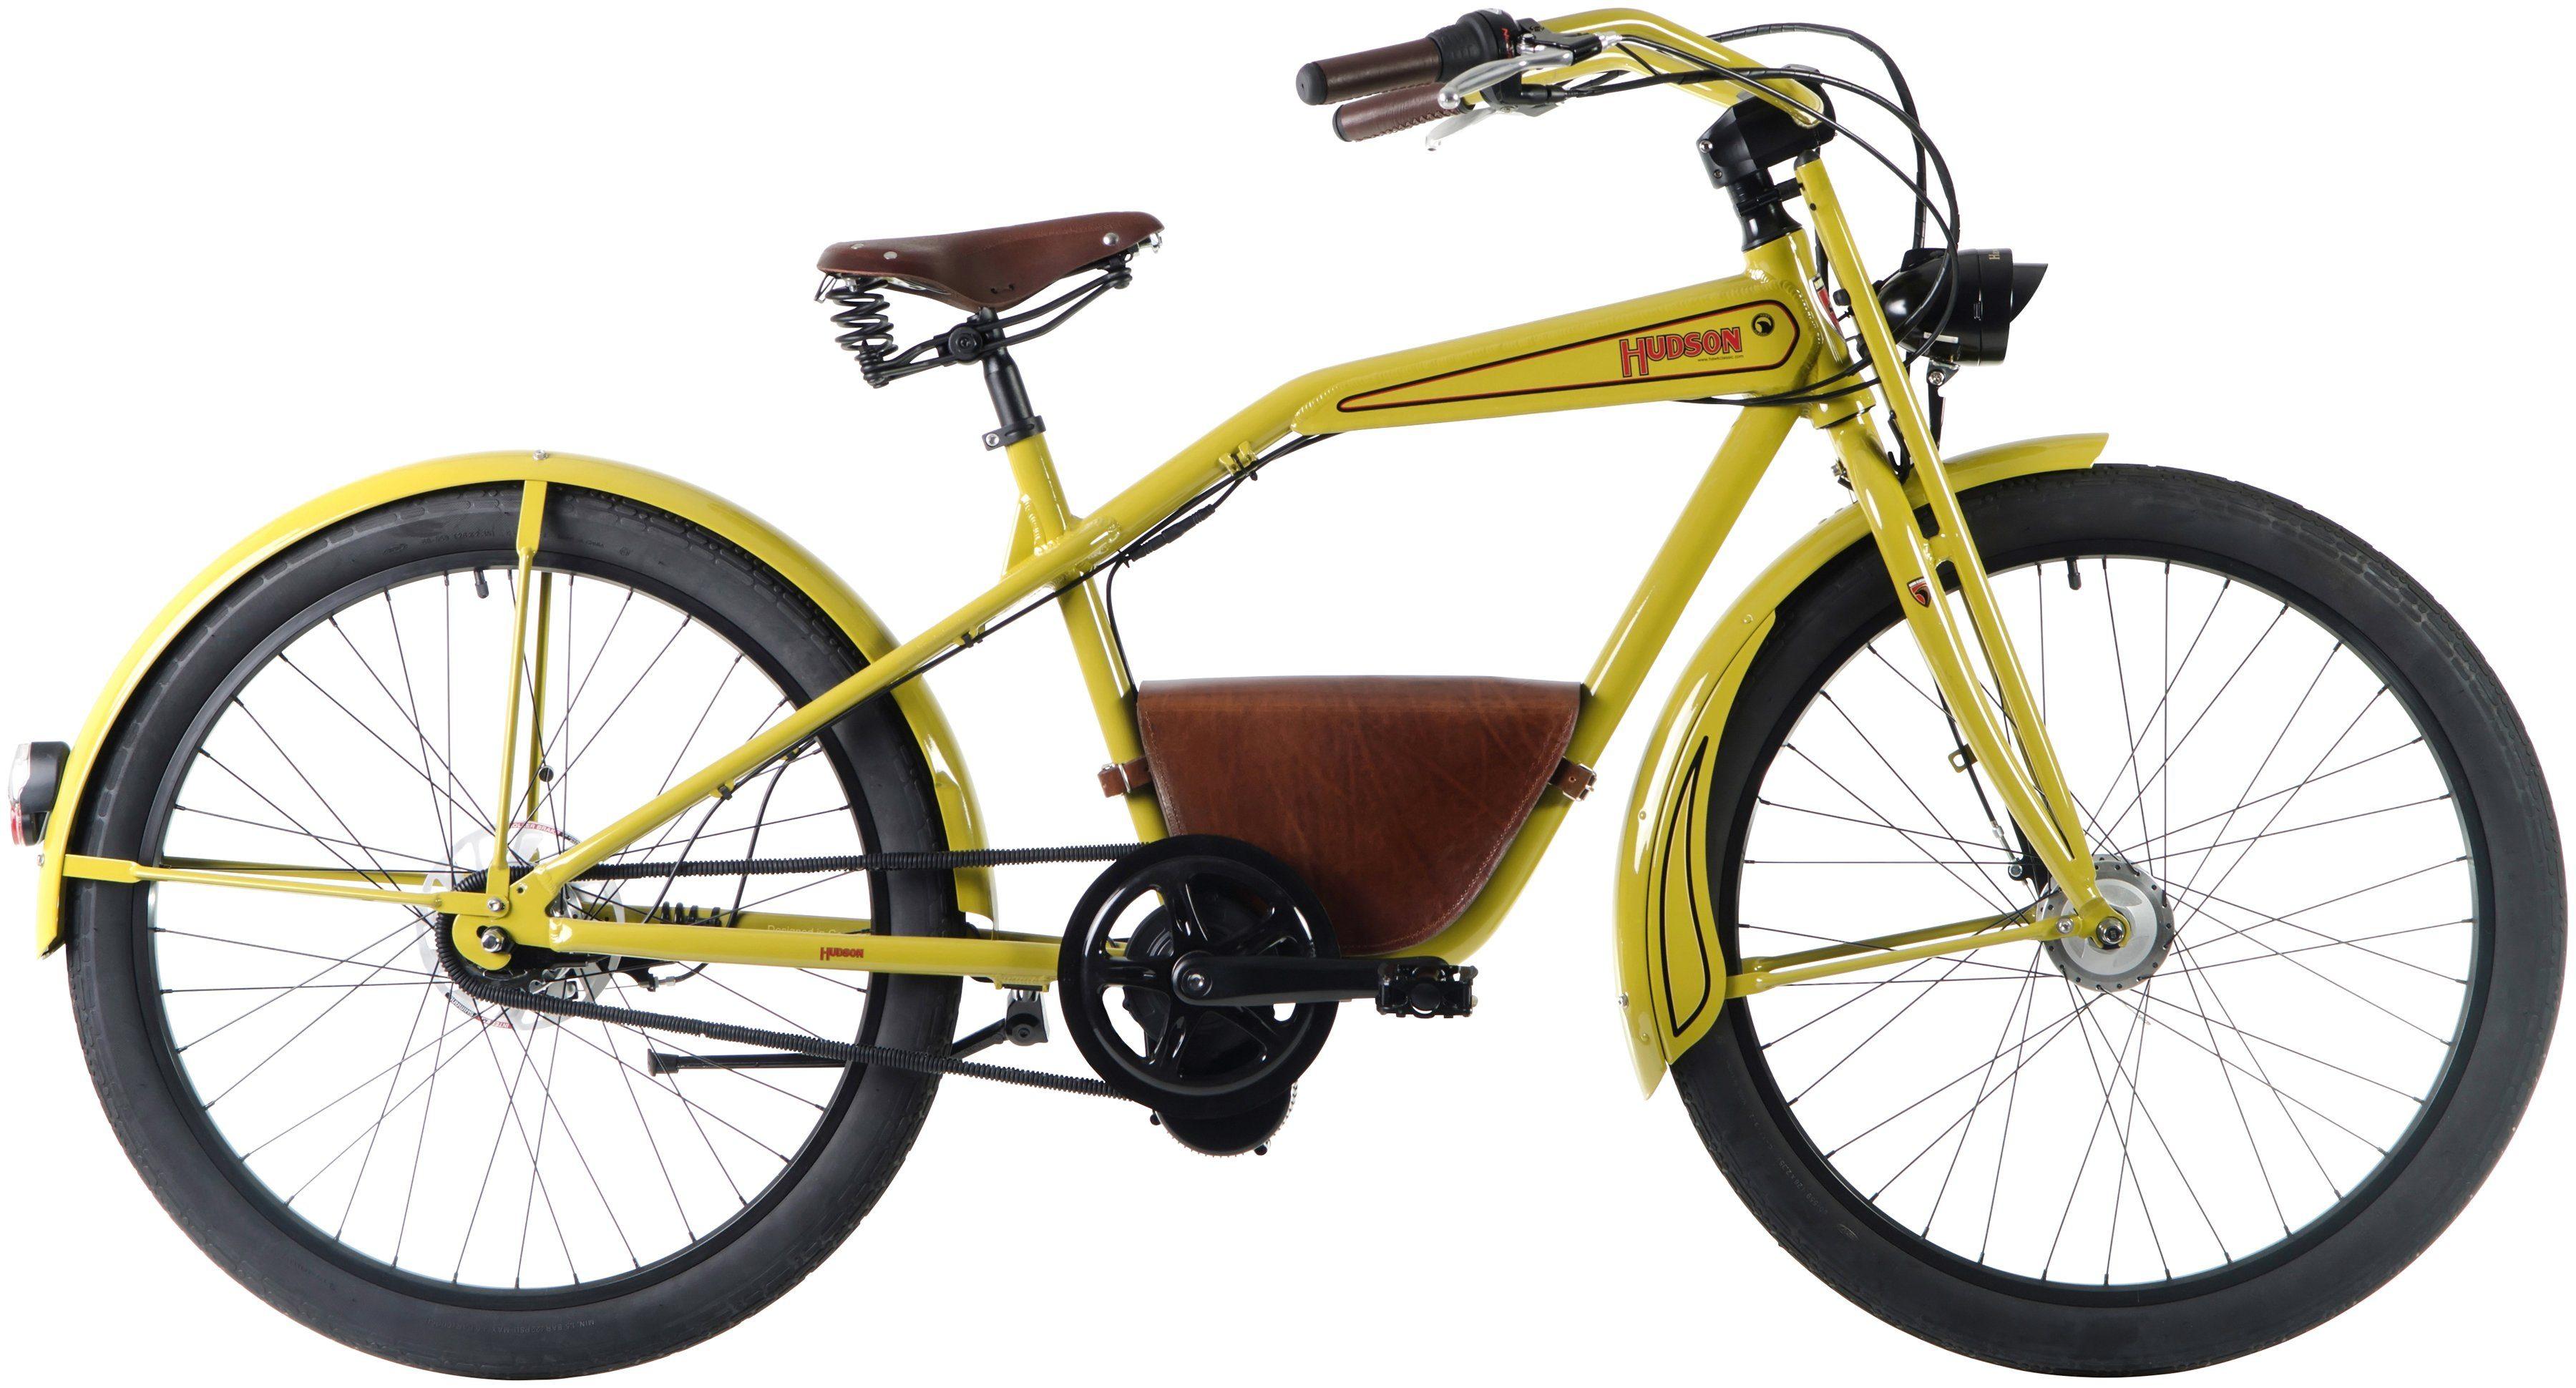 Hawk E-Bike City Herren »Hudson«, 26 Zoll, 7 Gang, Mittelmotor, 241 Wh